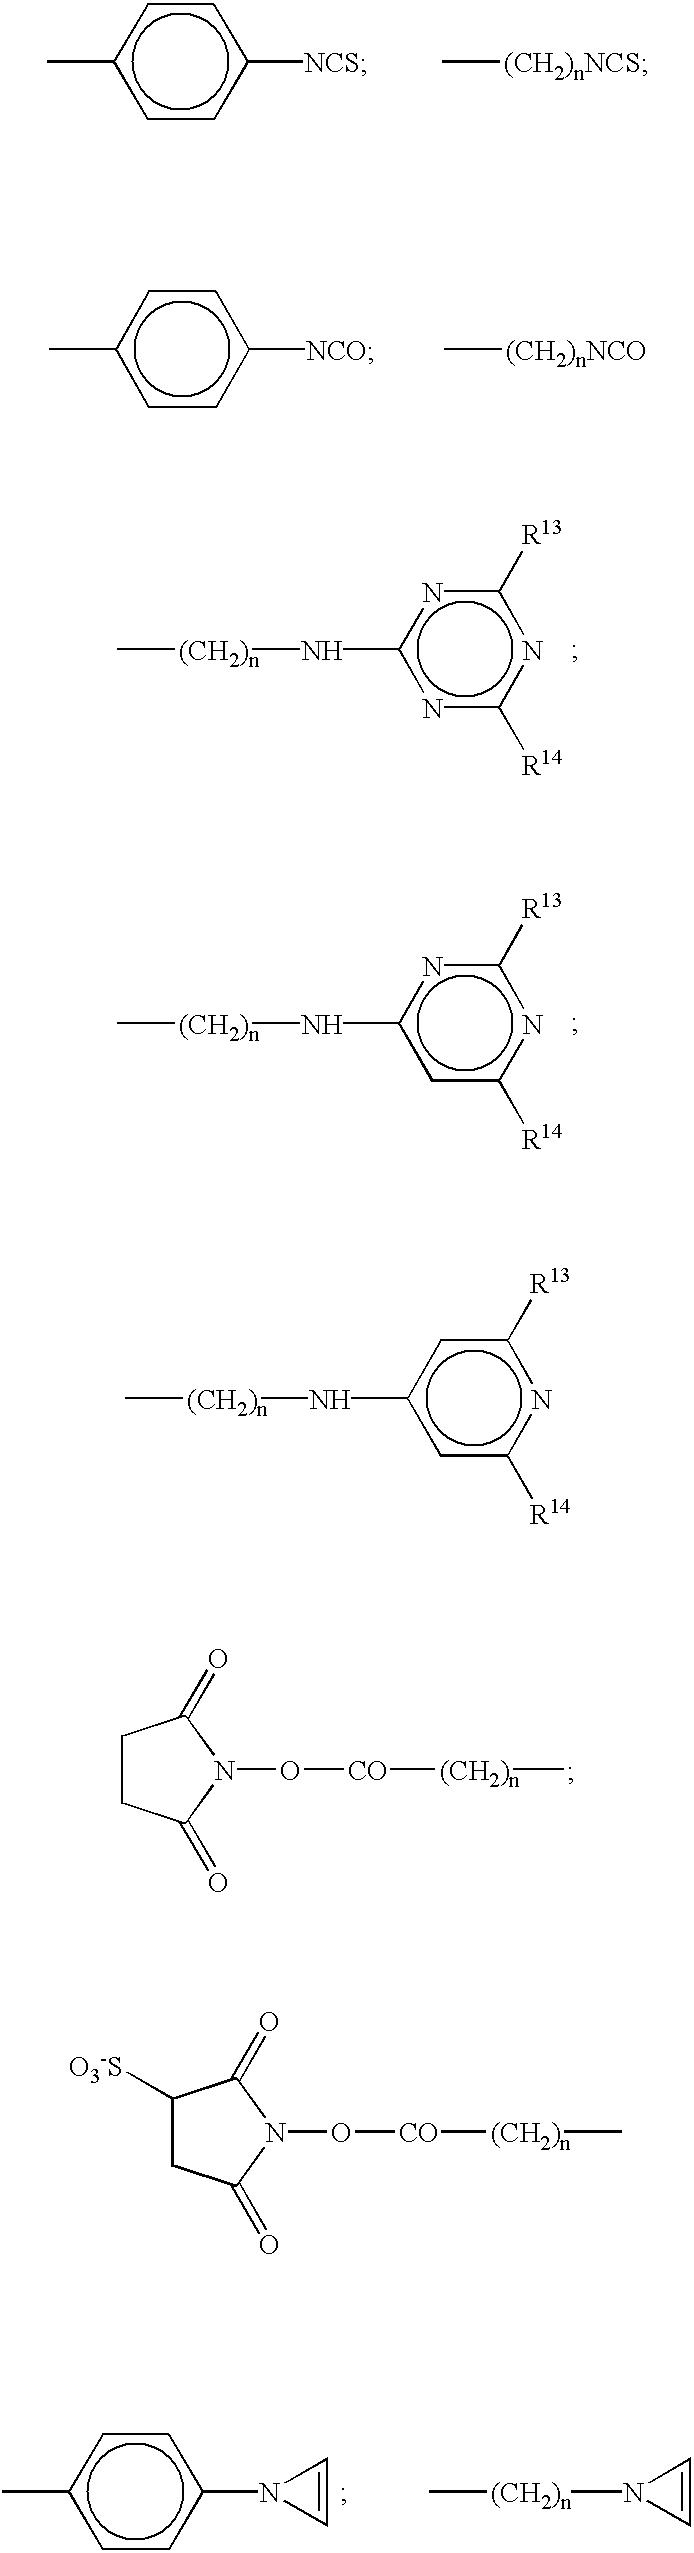 Figure US06686145-20040203-C00005